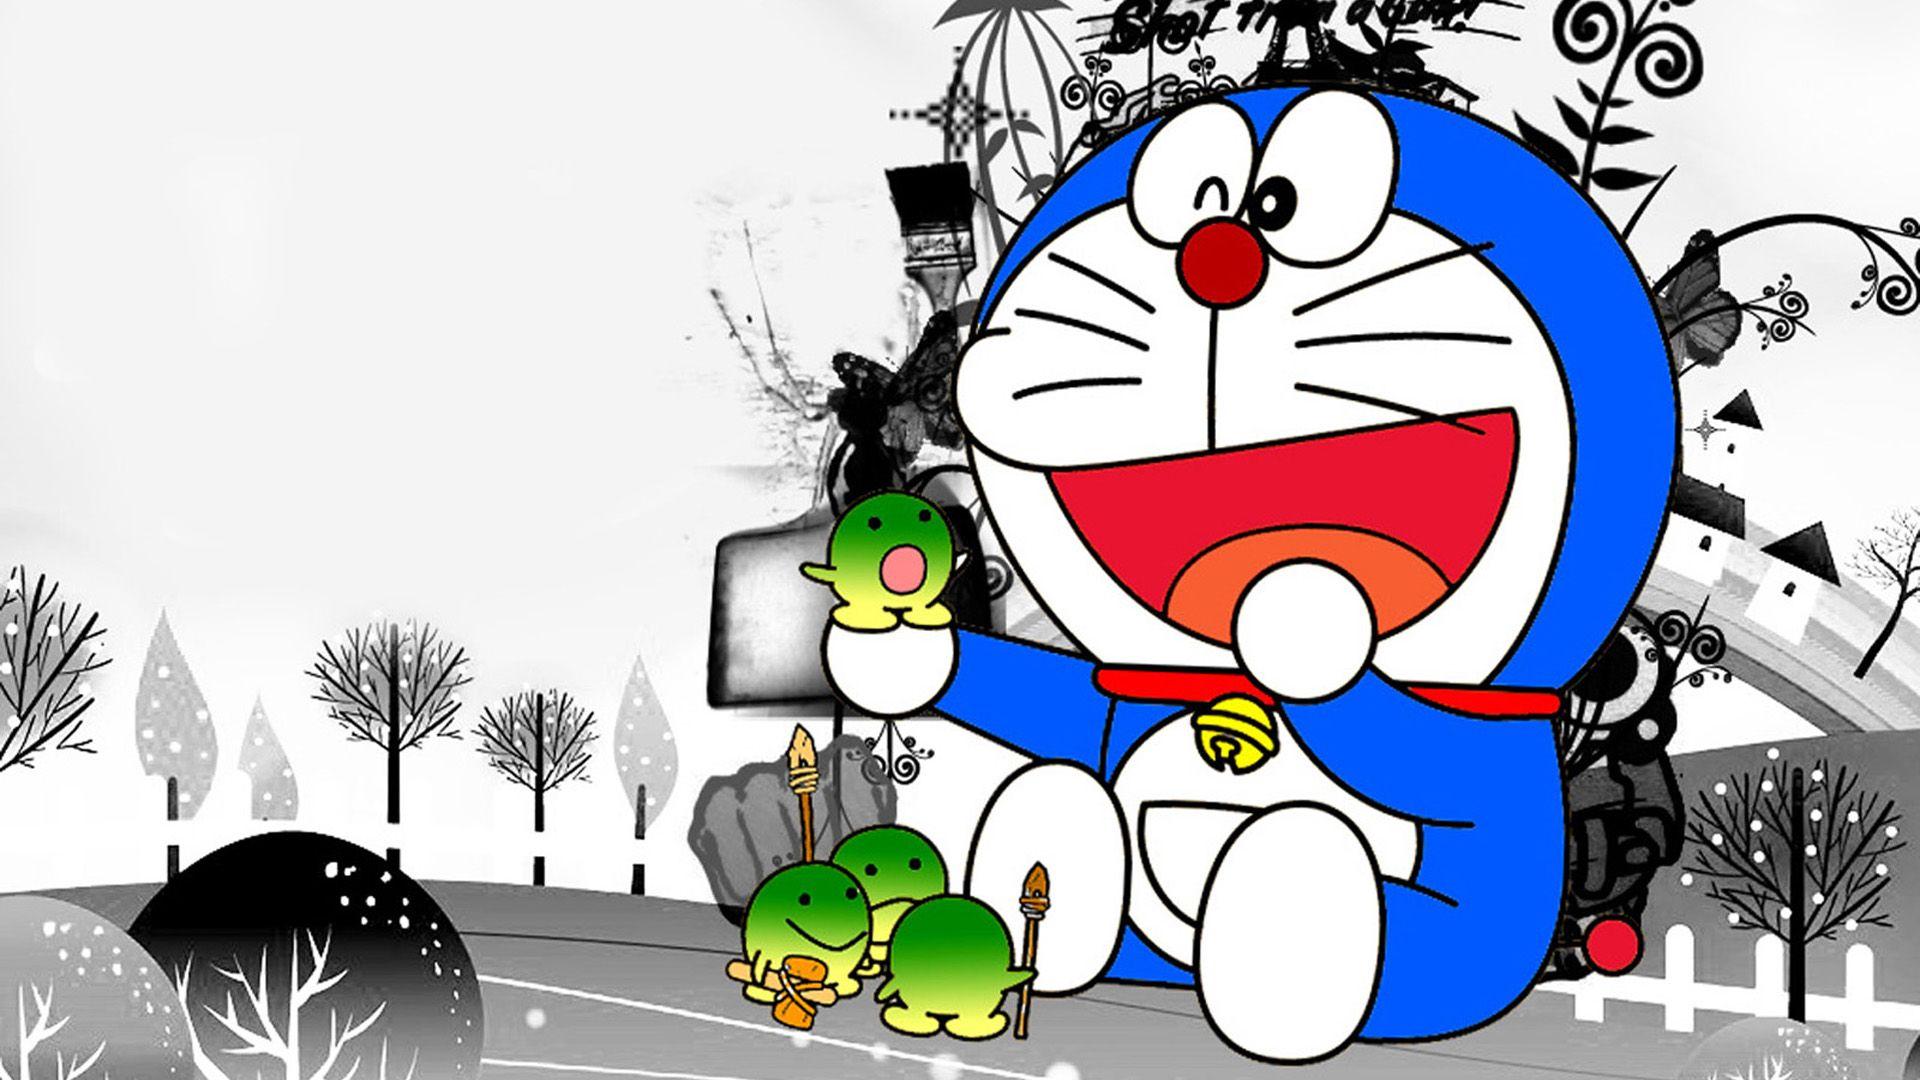 Download 620+ Wallpaper Keren Hd Doraemon HD Terbaru